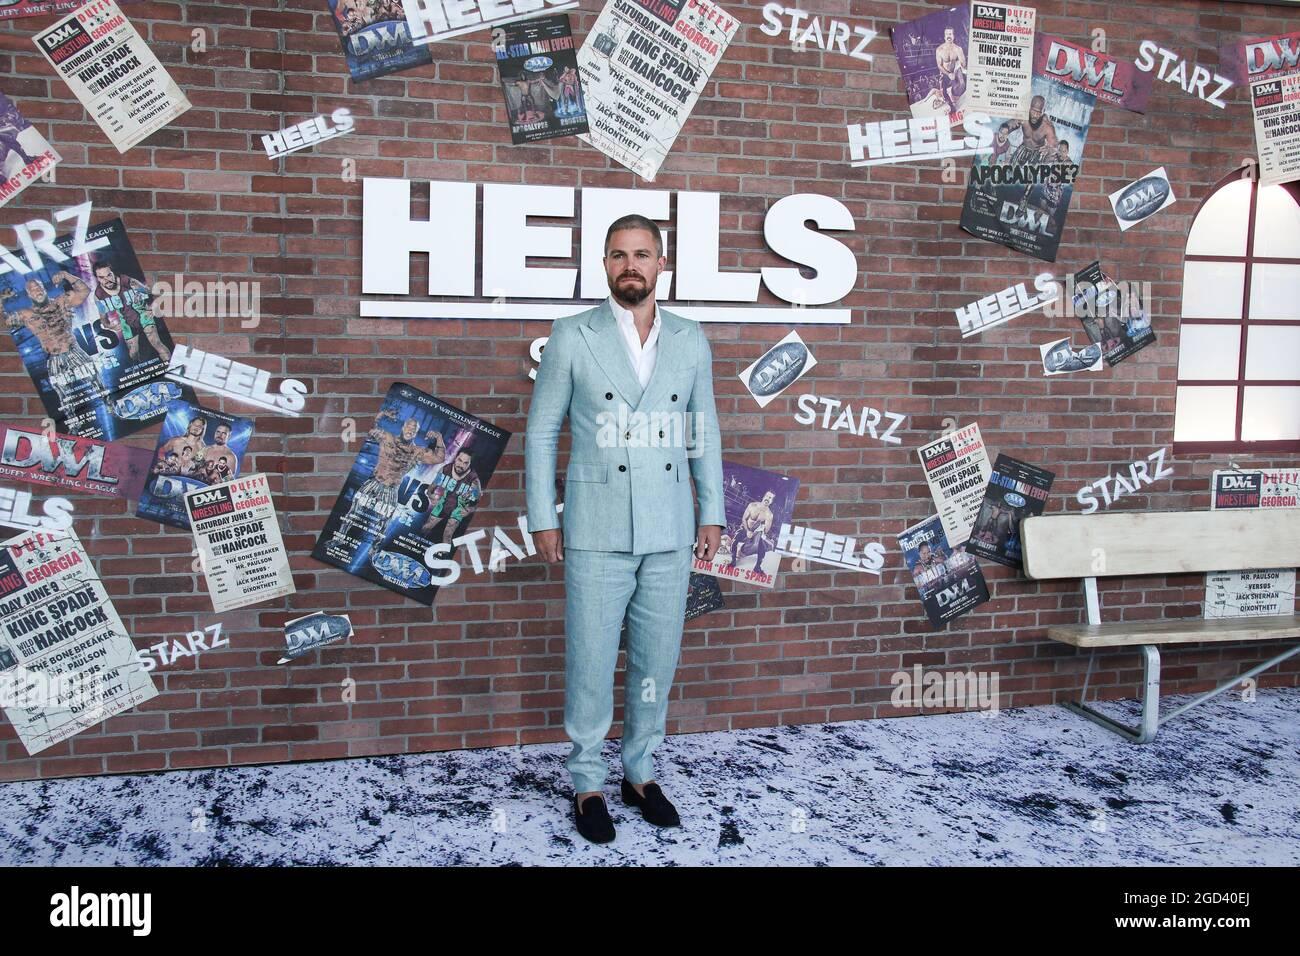 Los Angeles, Usa. August 2021. LOS ANGELES, KALIFORNIEN, USA - 10. AUGUST: Der Schauspieler Stephen Amell, der einen Giorgio Armani Anzug mit Scarosso Schuhen trägt, kommt bei der Los Angeles Premiere von STARZ's 'Heels', die am 10. August 2021 in der Sacramento Street 2137 in Los Angeles, Kalifornien, USA, stattfand. (Foto von Xavier Collin/Image Press Agency) Quelle: Image Press Agency/Alamy Live News Stockfoto